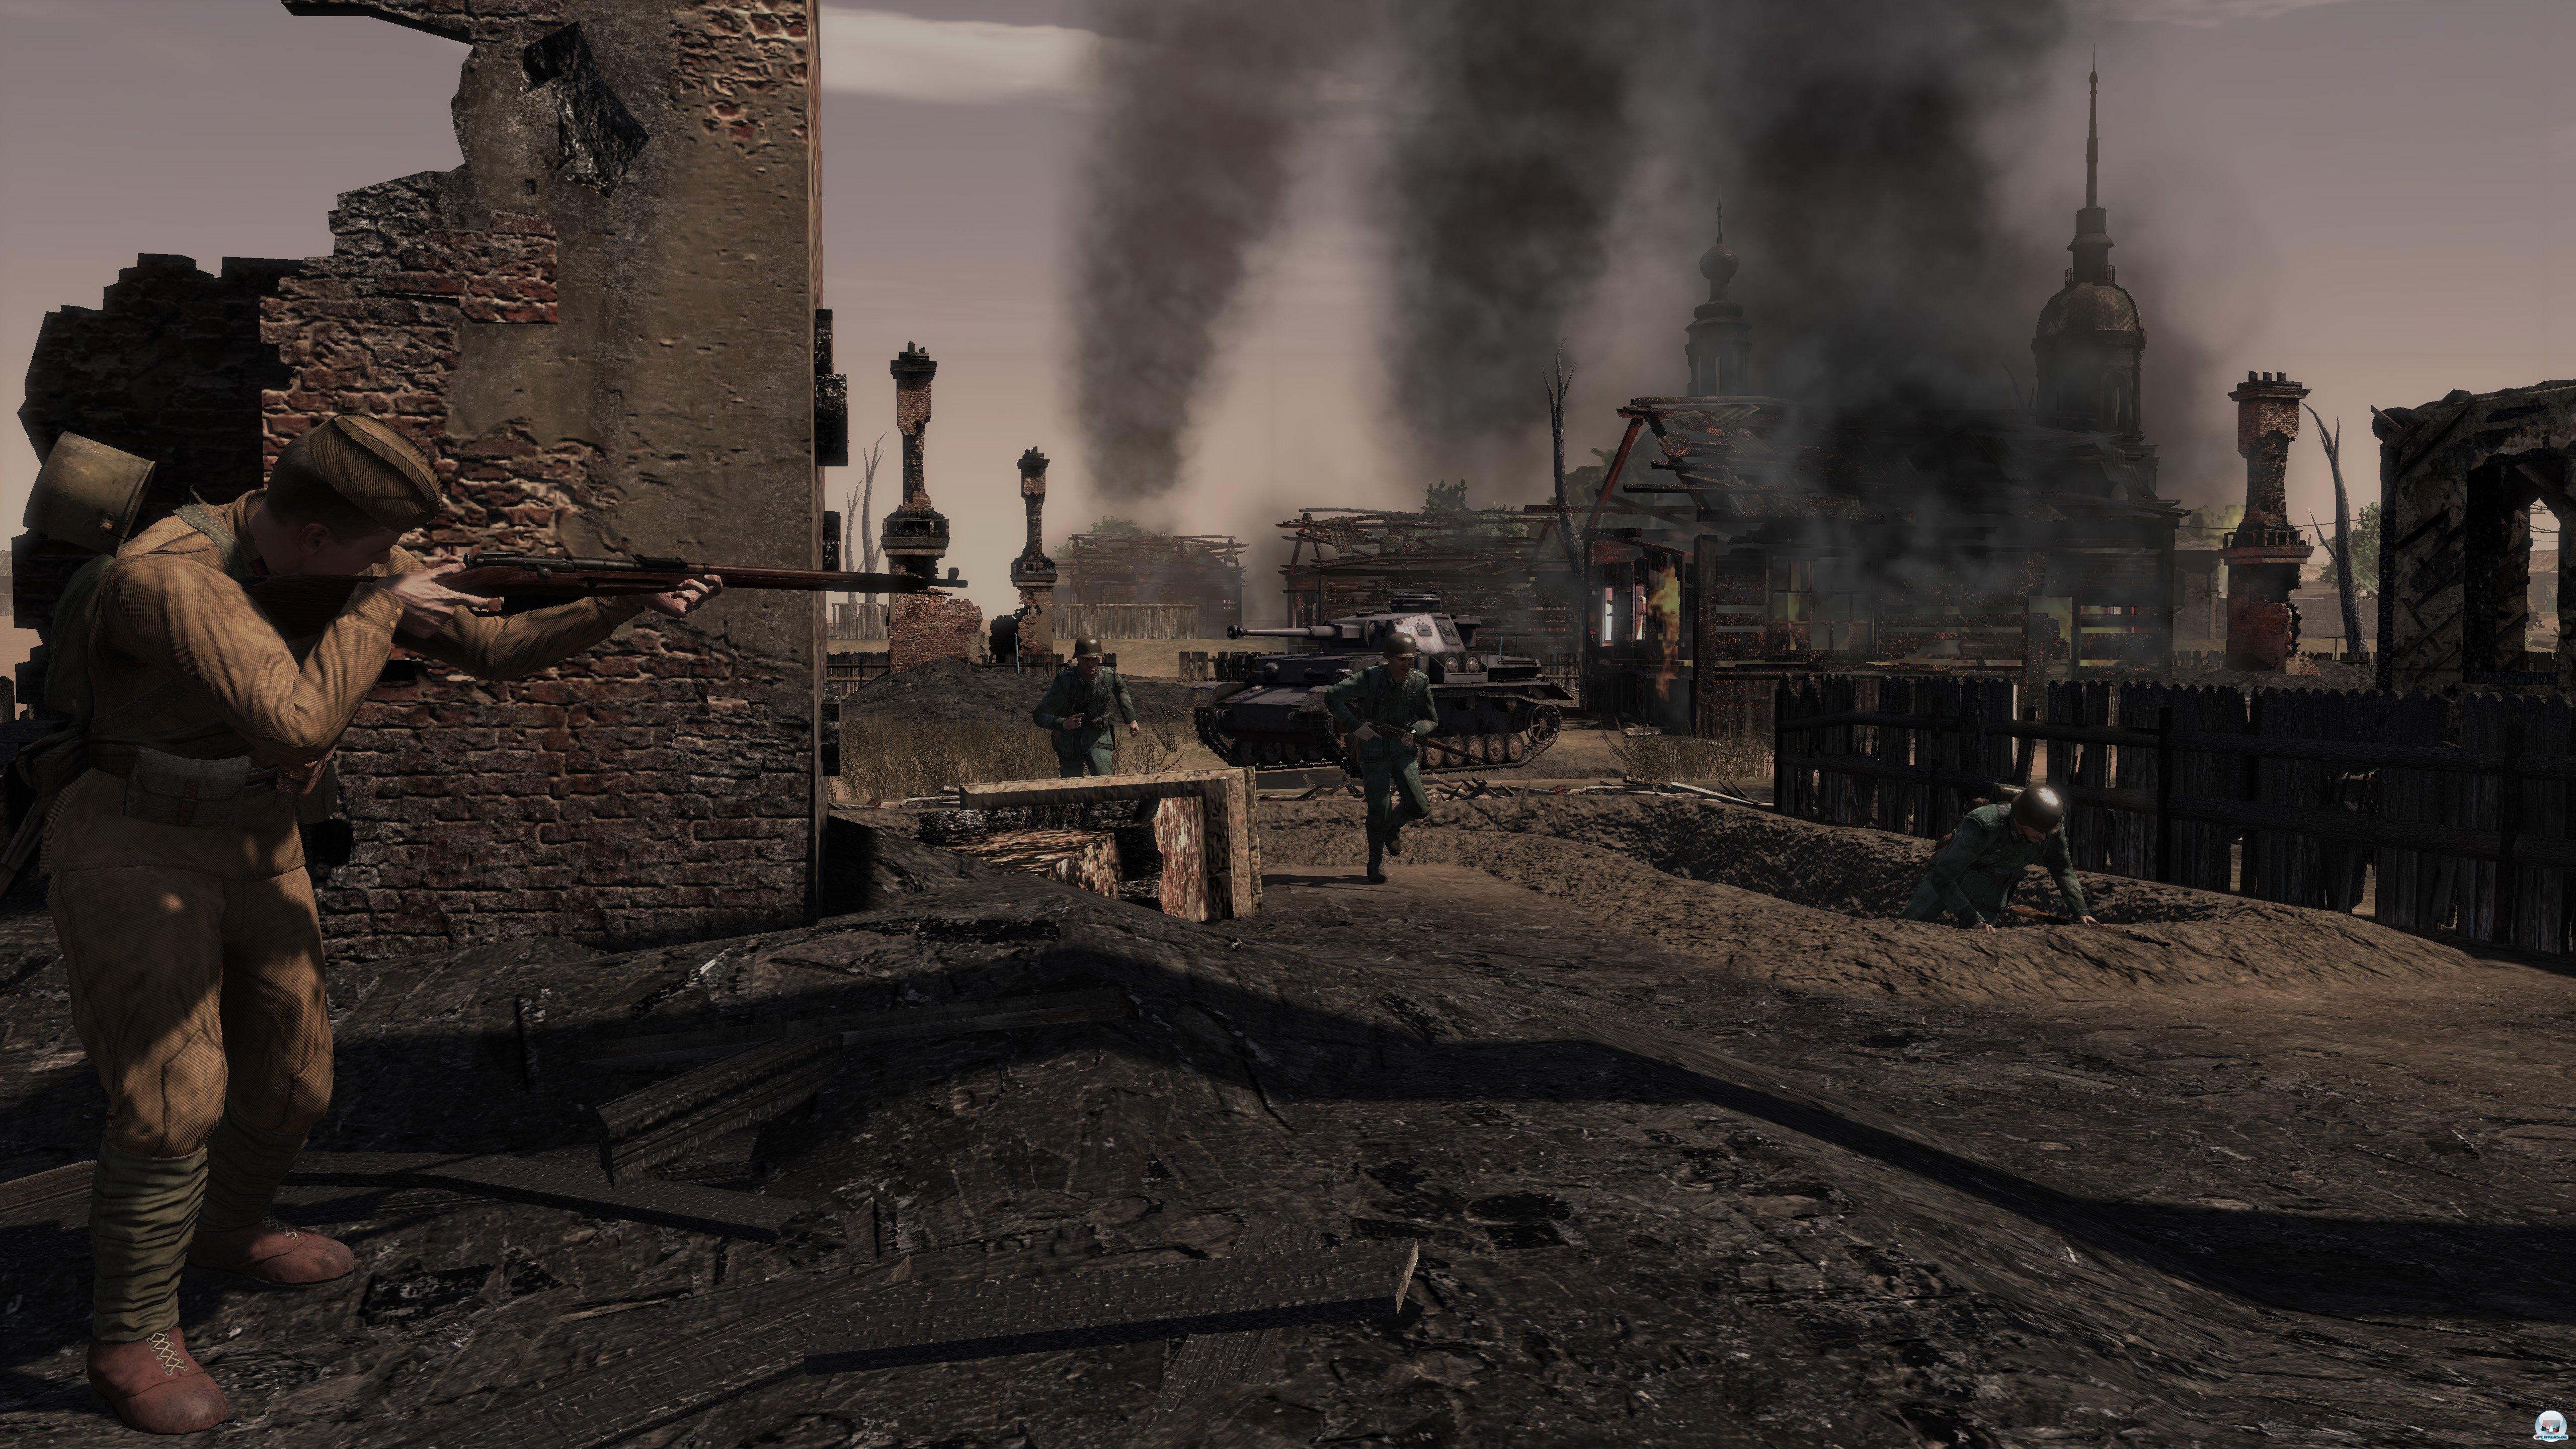 Vorsicht, Scharfschützen: Auf weitläufigen Maps ist es gar nicht so einfach, sich an die feindlichen Stützpunkte heranzukämpfen.